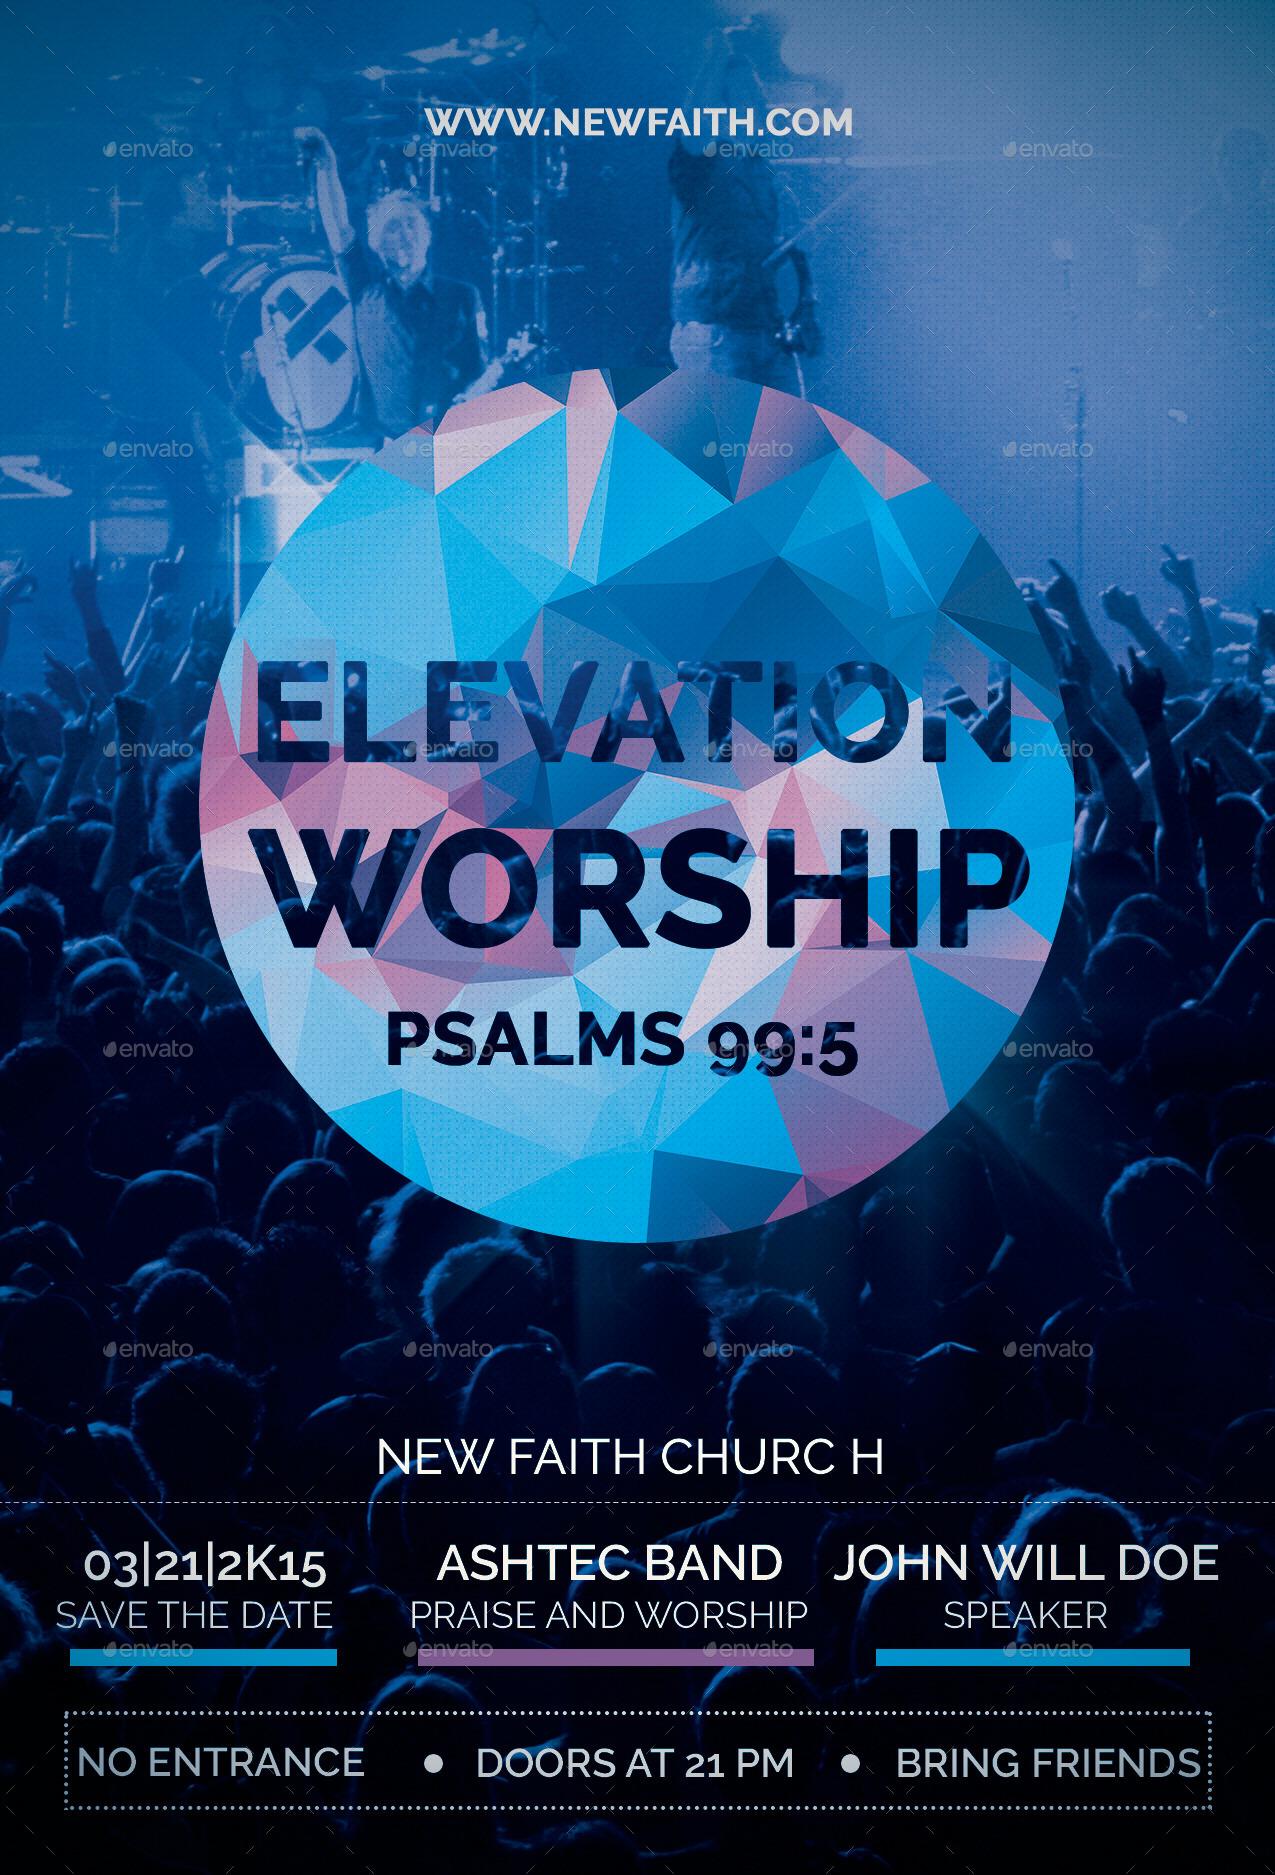 elevation worship church flyer by reindesignstudio